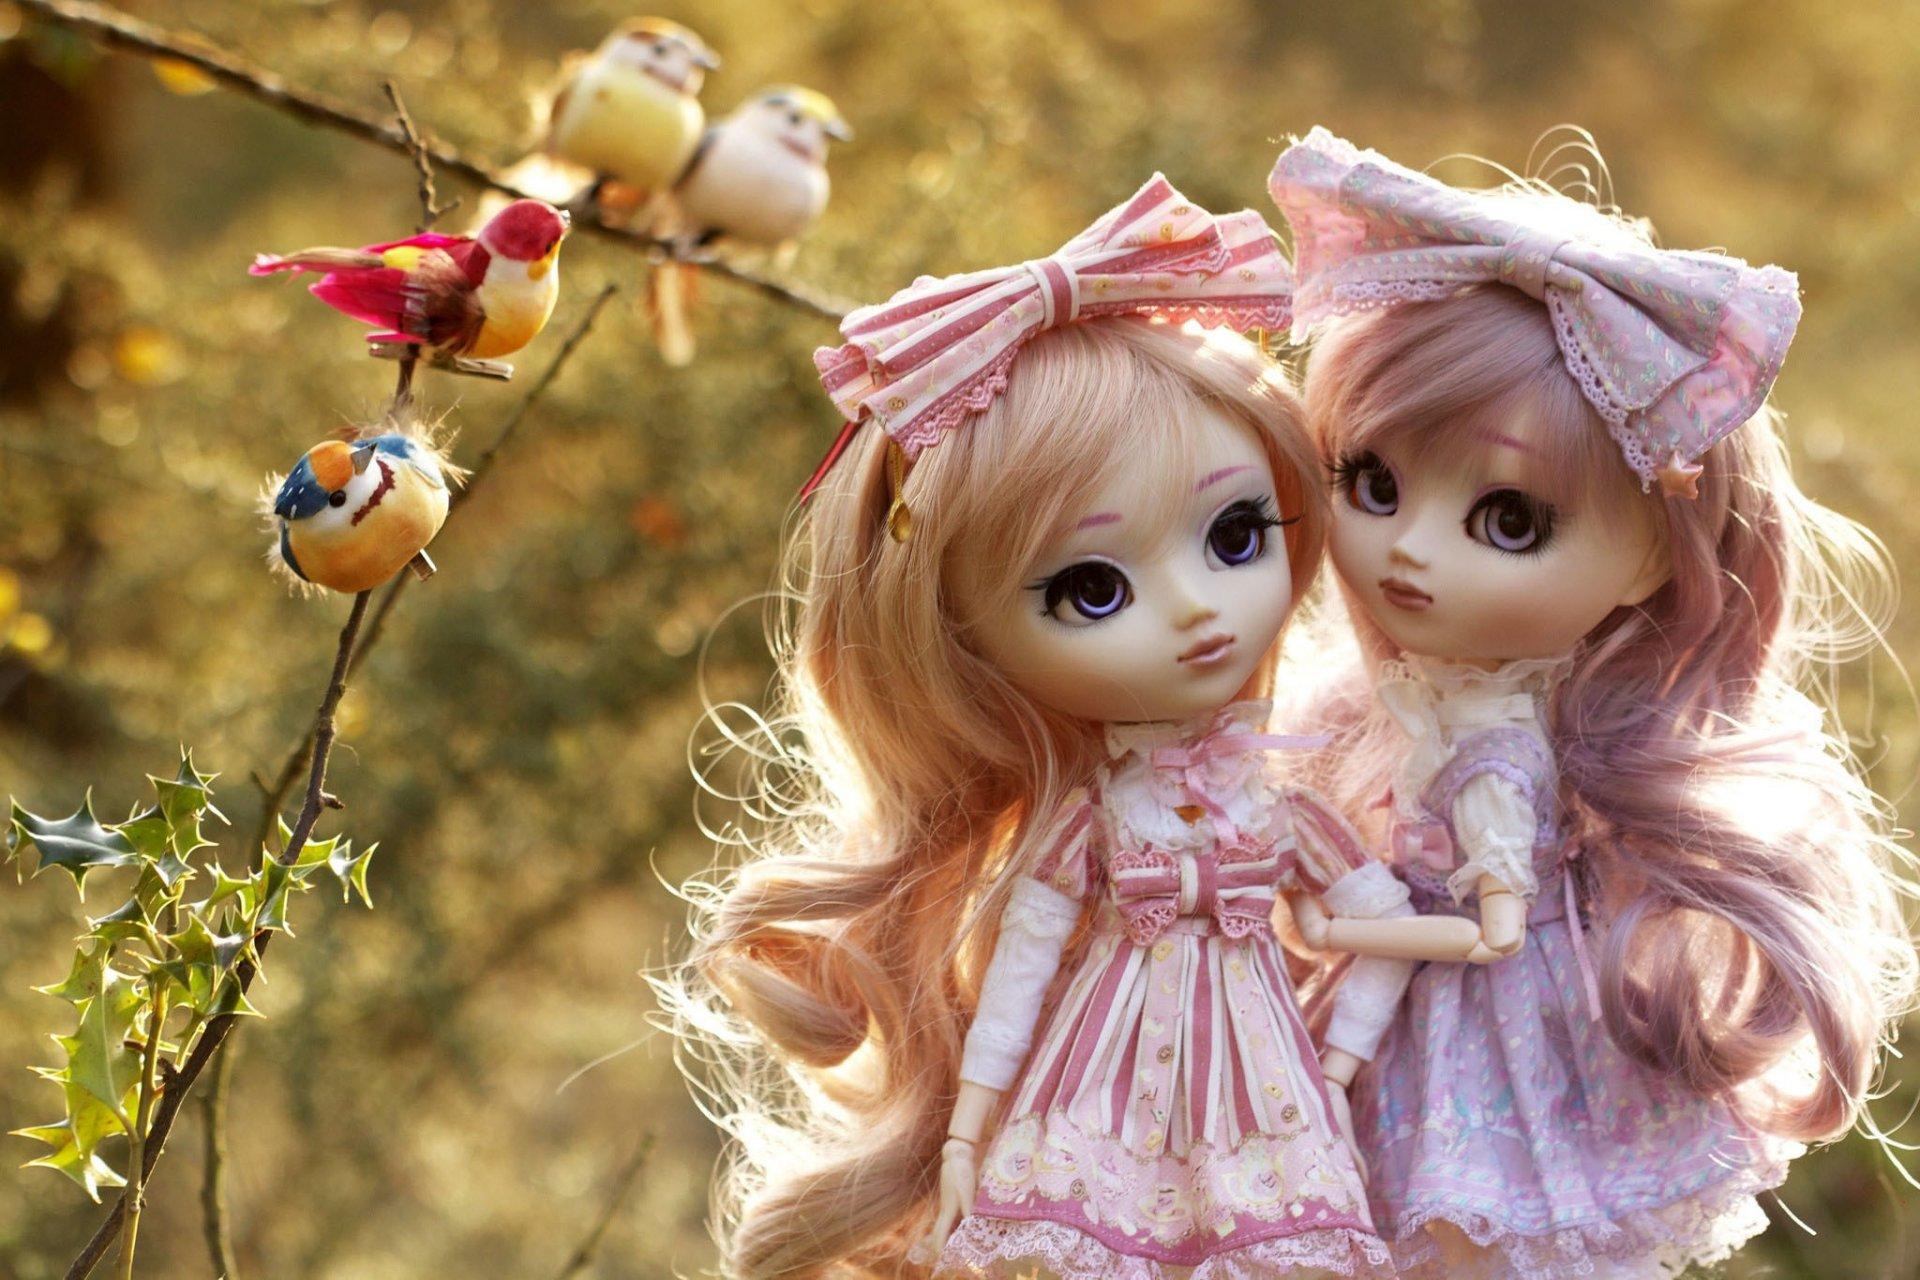 Самодельные куклы для кукольного театра картинки сразу стало